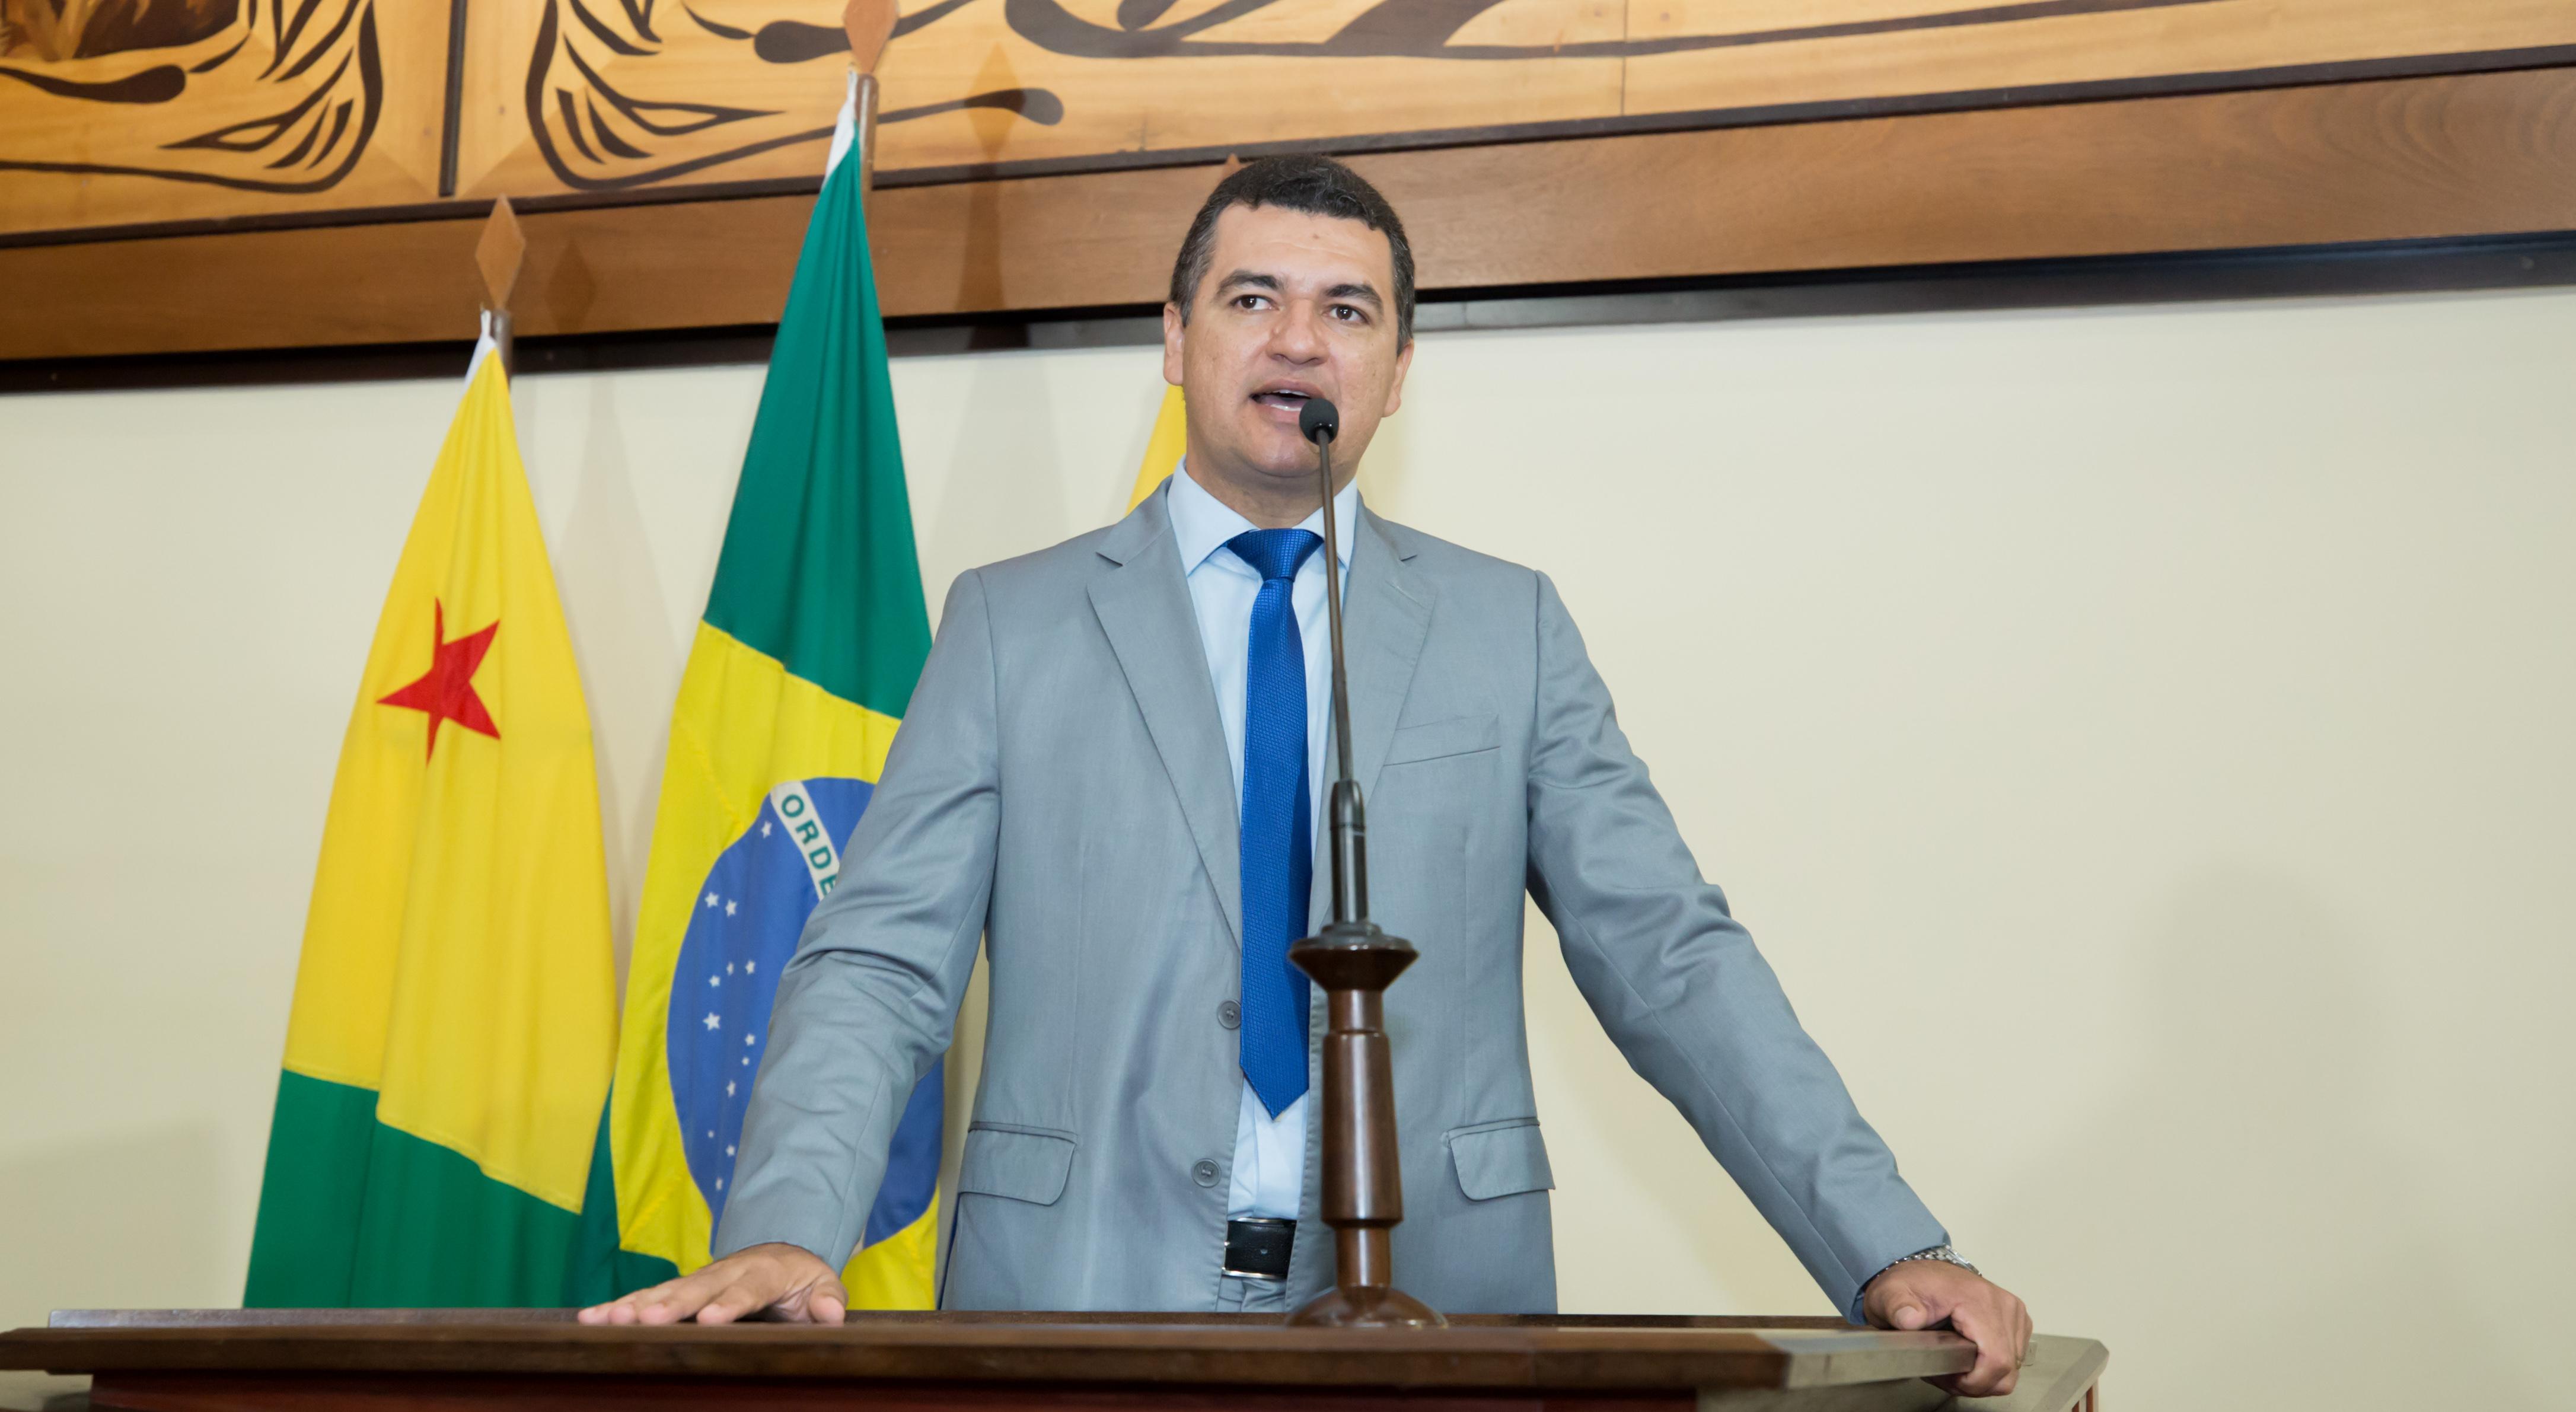 Deputado Cadmiel Bomfim parabeniza governador por investimentos no interior